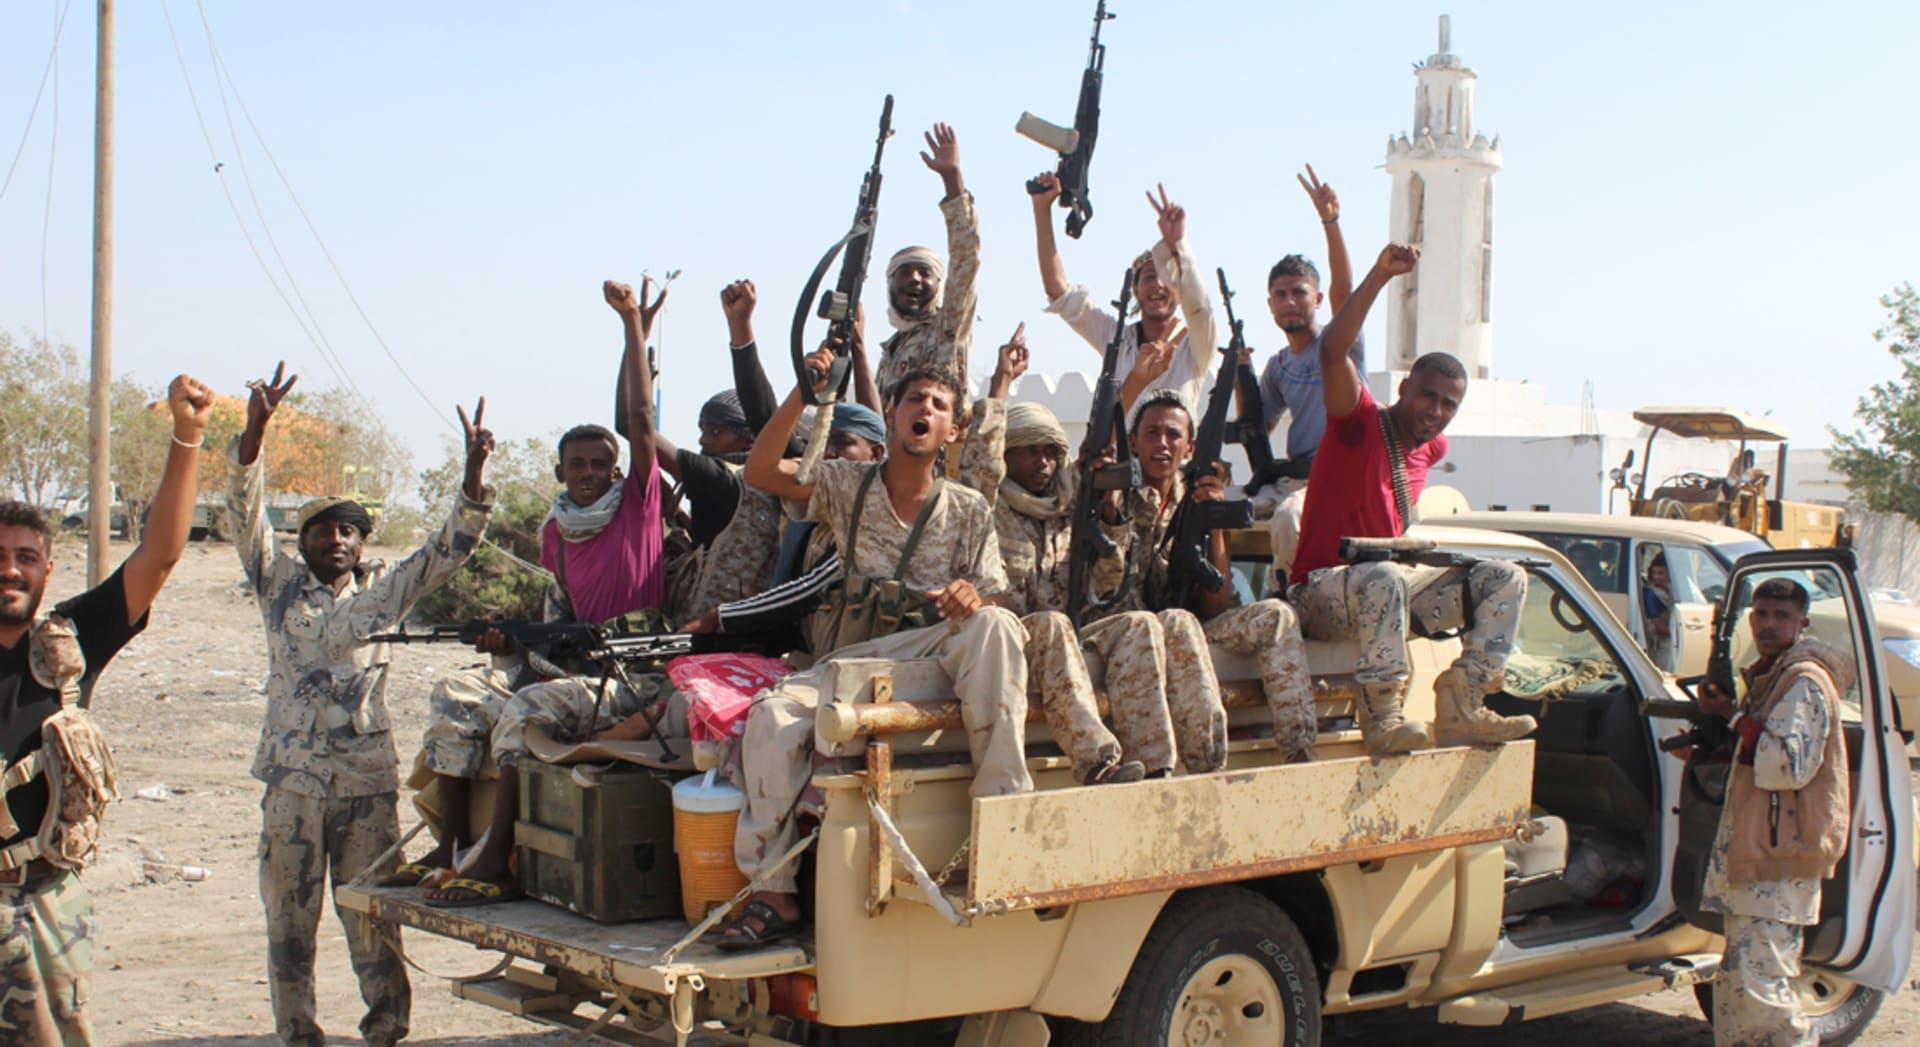 بعد عام من الهدنة.. هل بدأت الحرب المنتظرة بين تنظيم القاعدة اليمنيّ وقوّات التحالف العربيّ؟